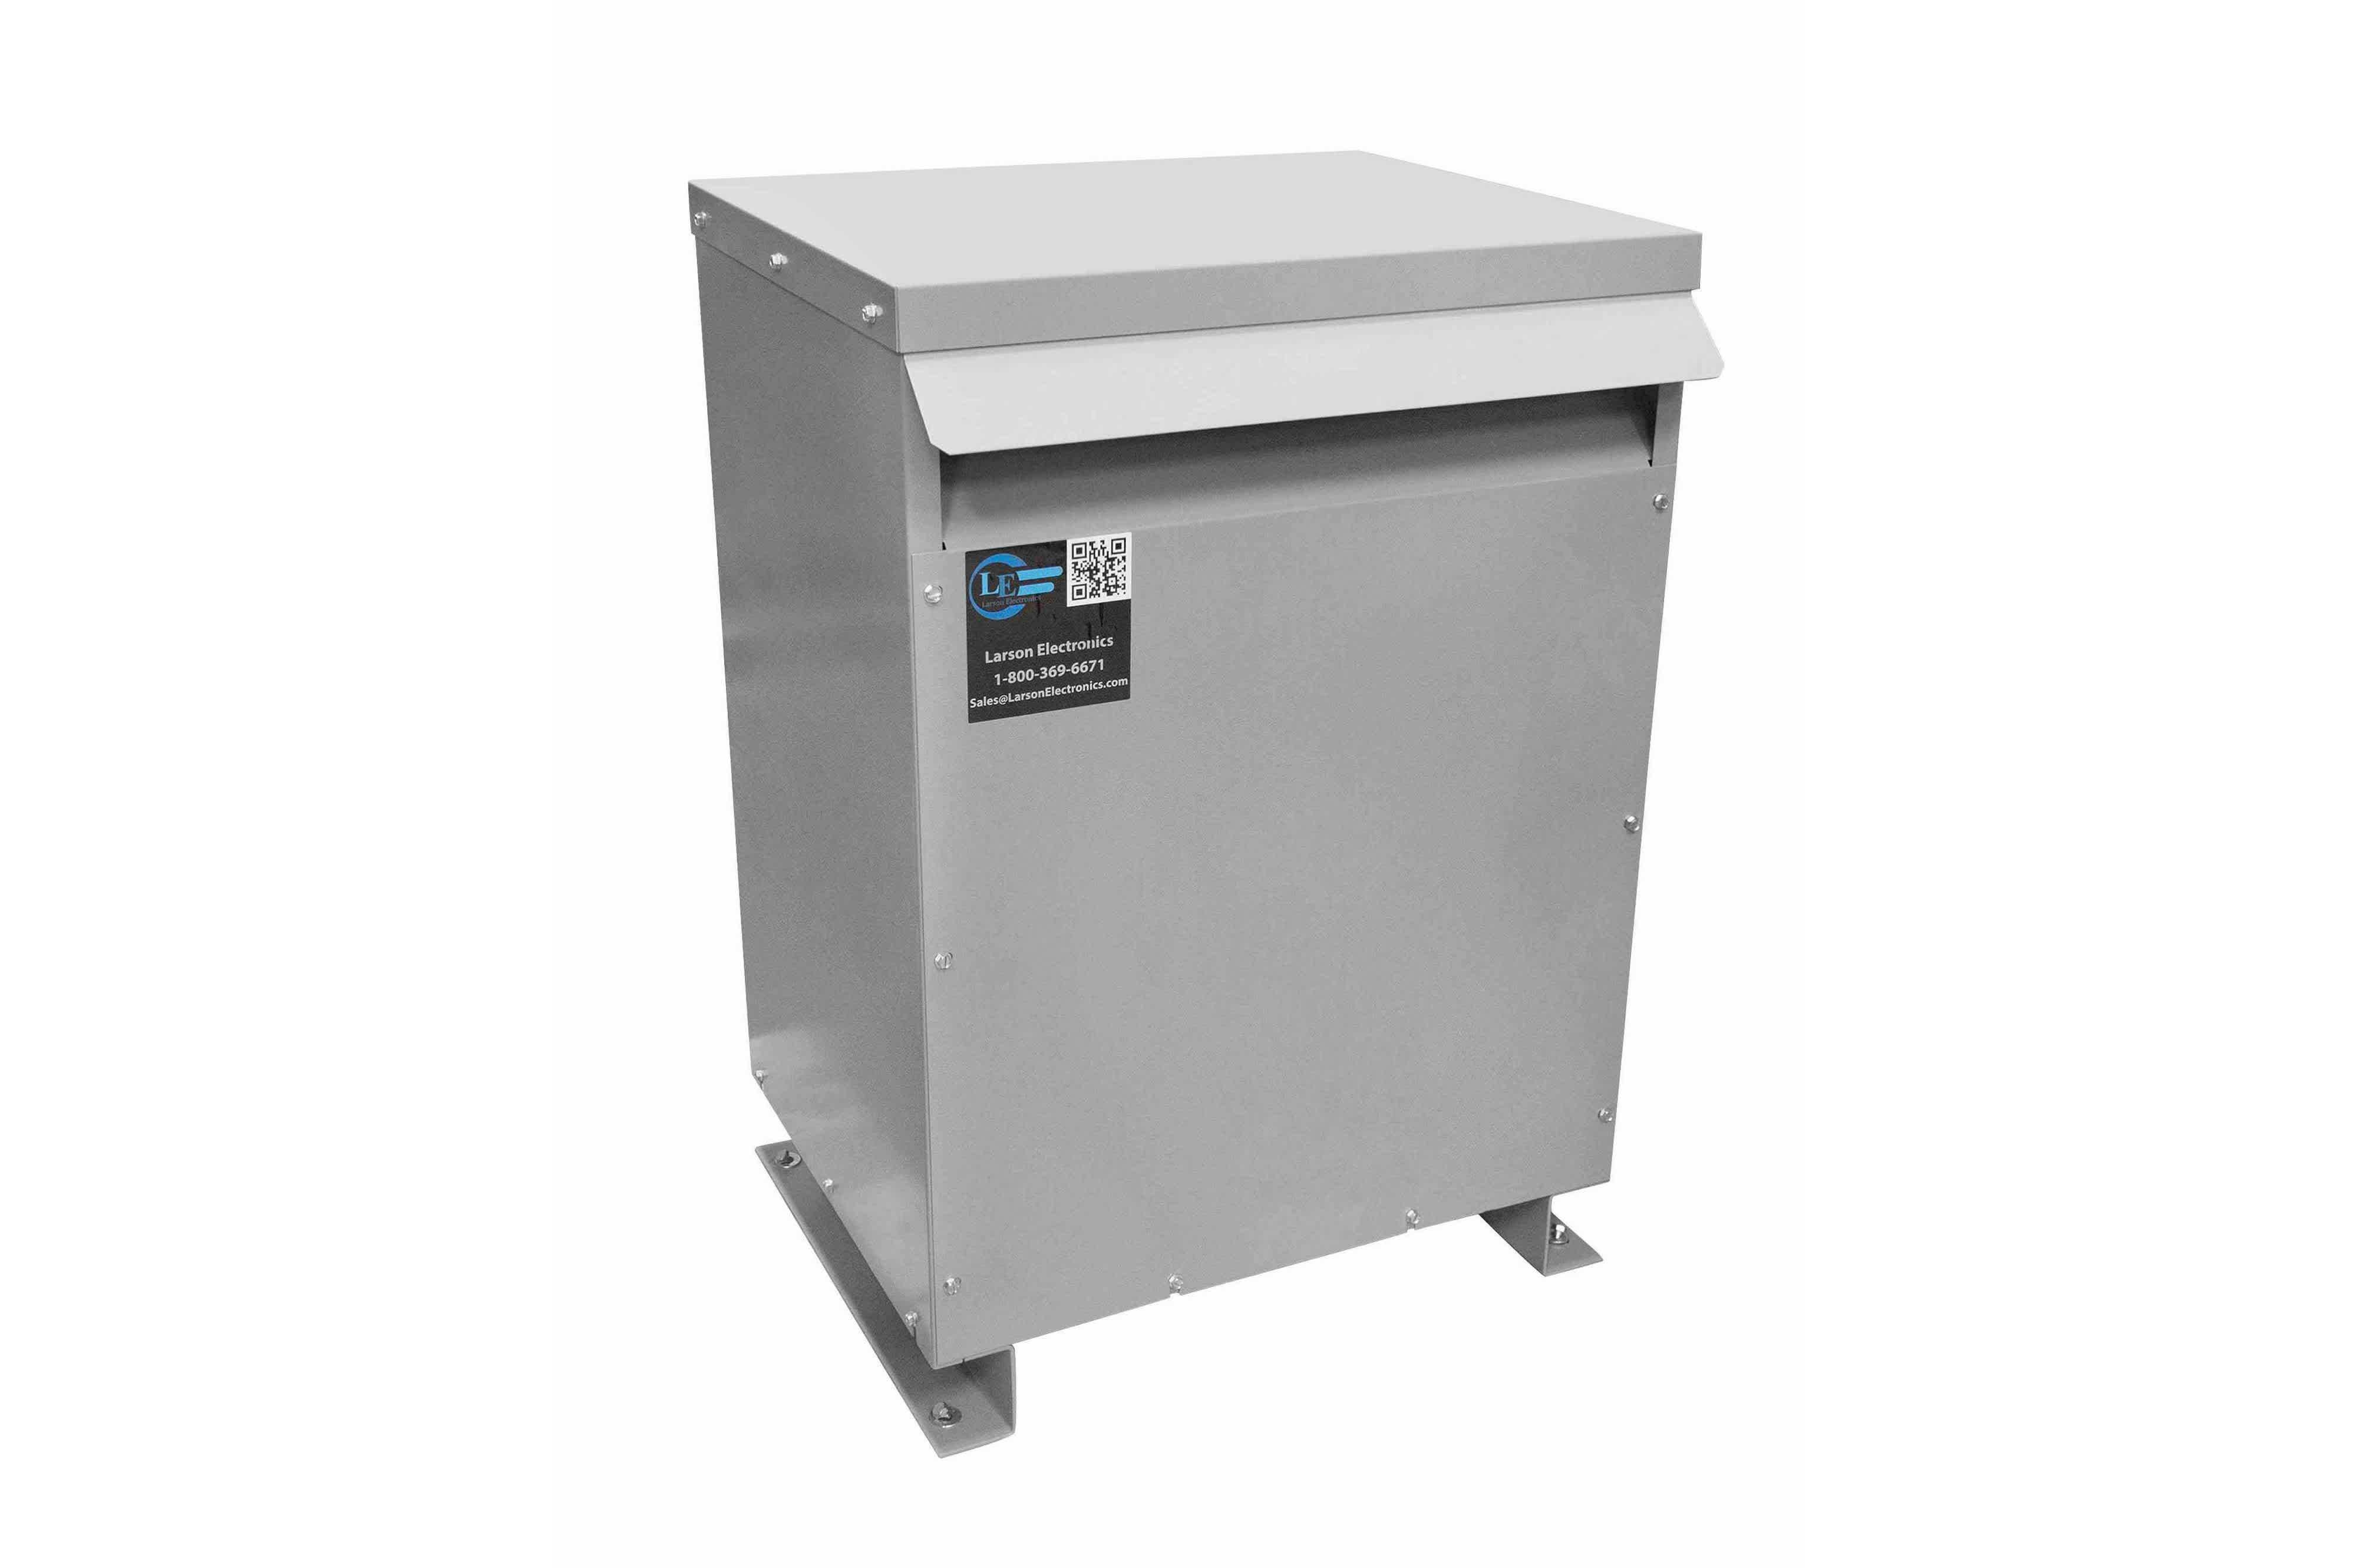 28 kVA 3PH Isolation Transformer, 415V Delta Primary, 208V Delta Secondary, N3R, Ventilated, 60 Hz